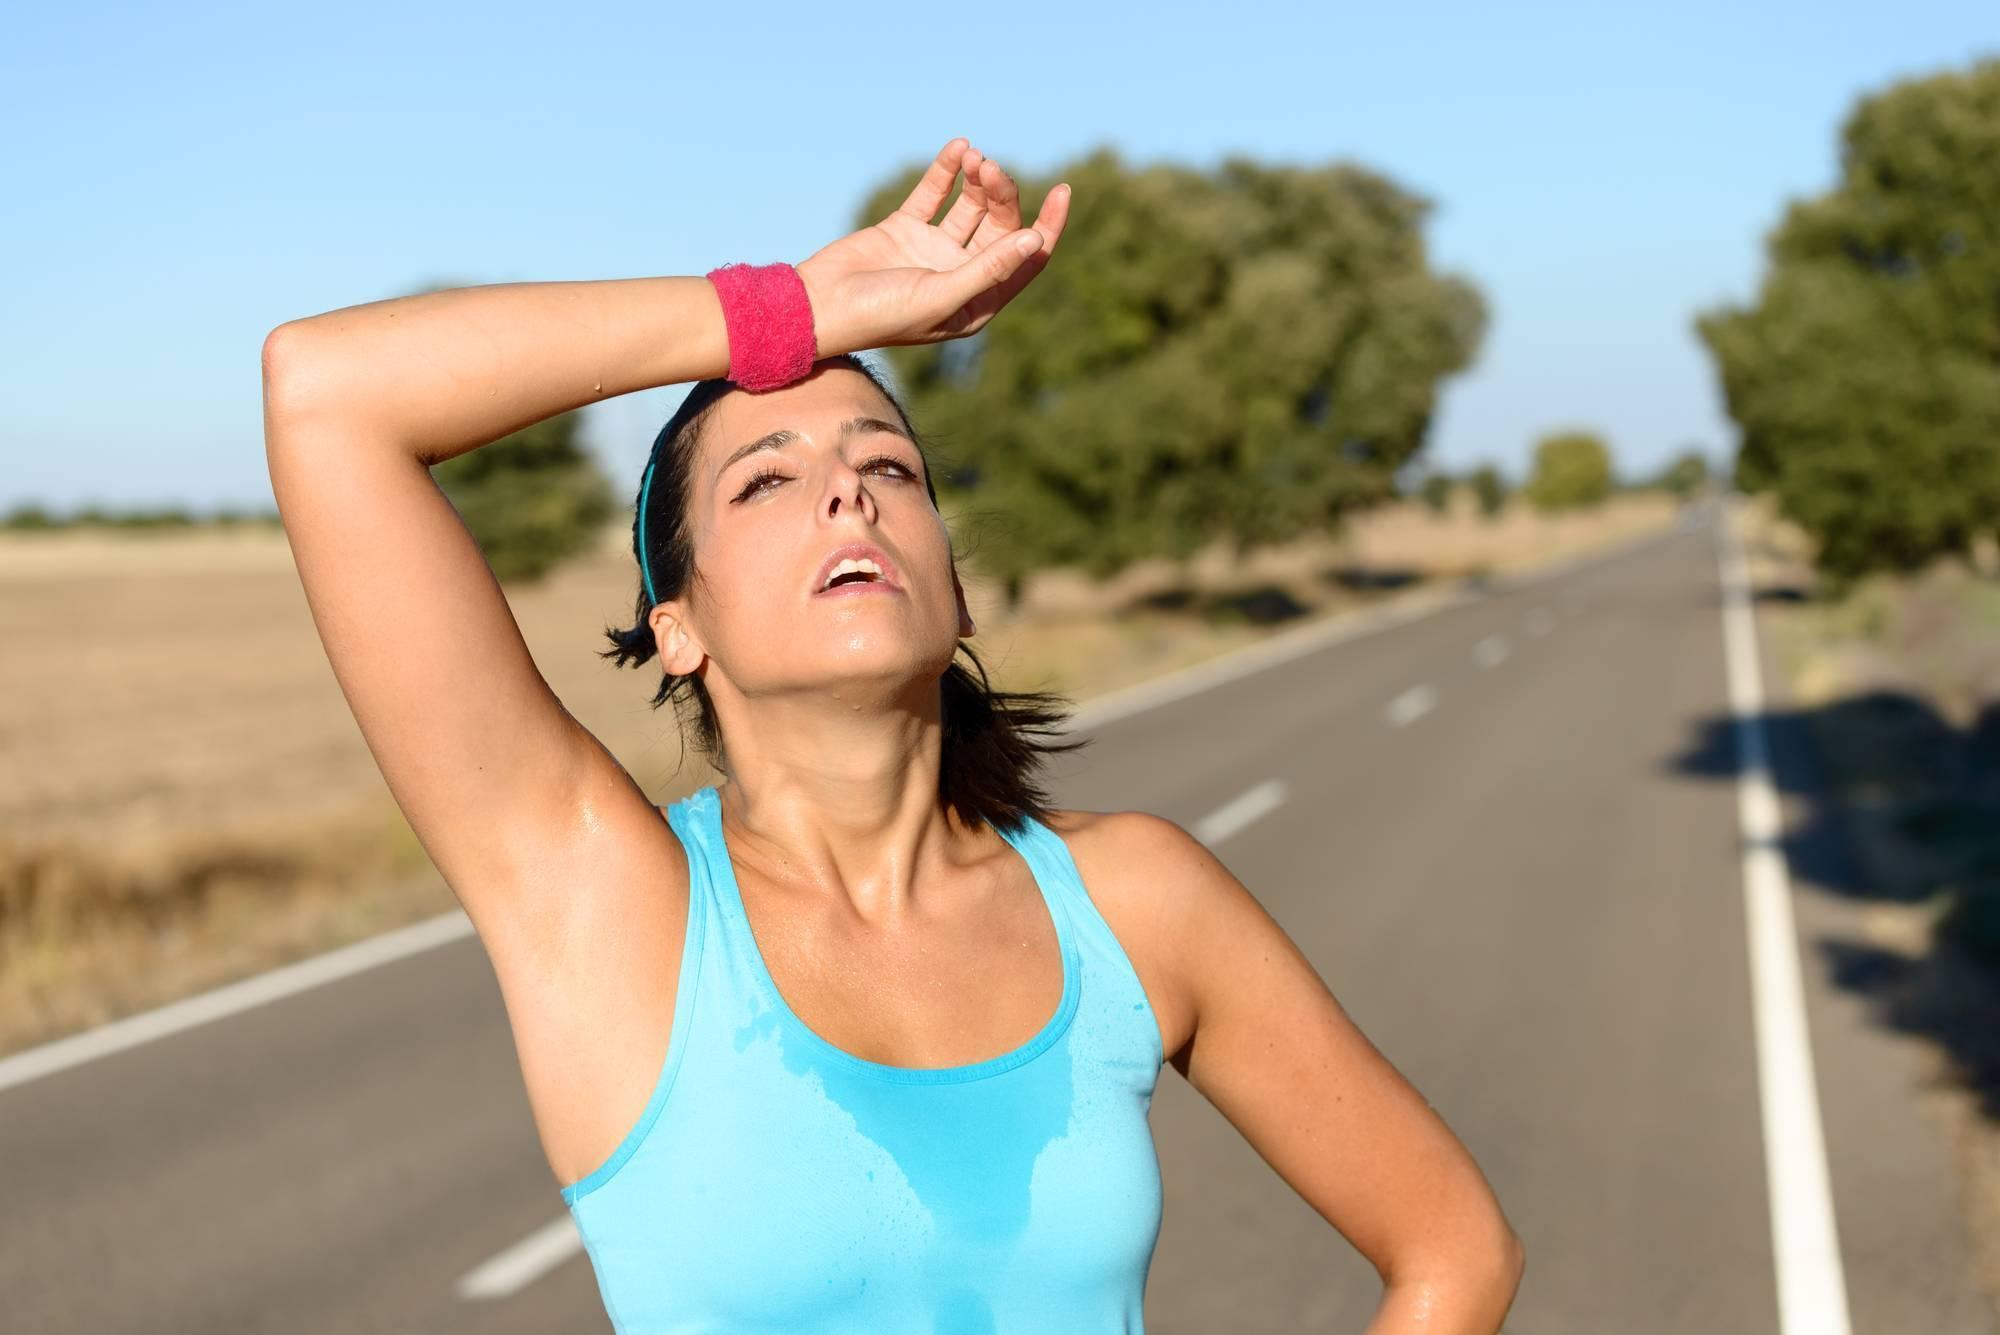 Кашель после физической нагрузки (бега и упражнений) у ребенка